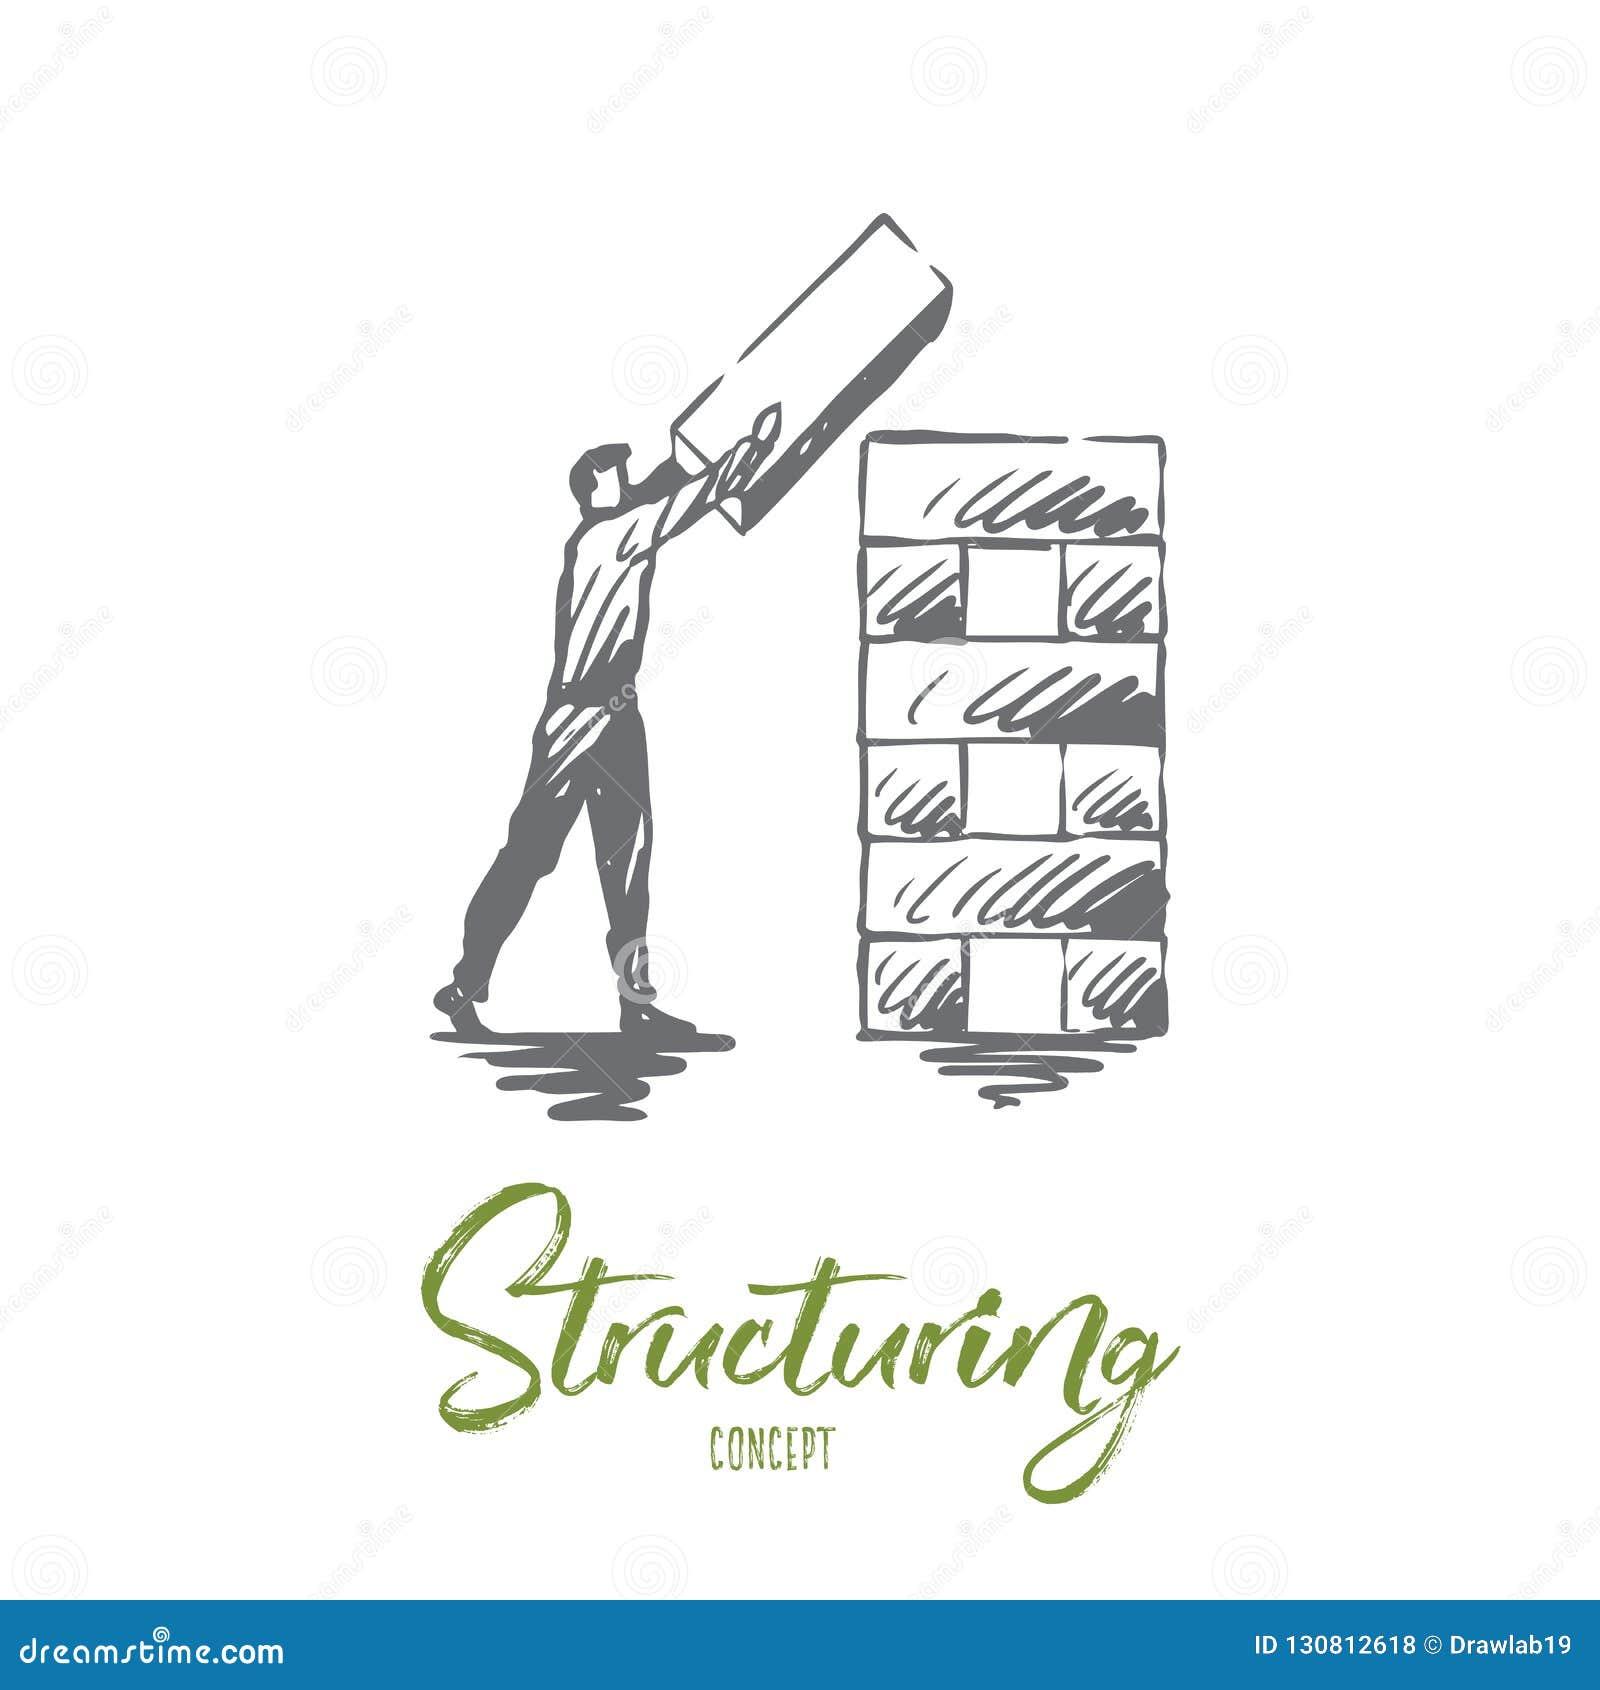 Strukturierung, Element, Organisation, Unternehmenskonzept Hand gezeichneter lokalisierter Vektor